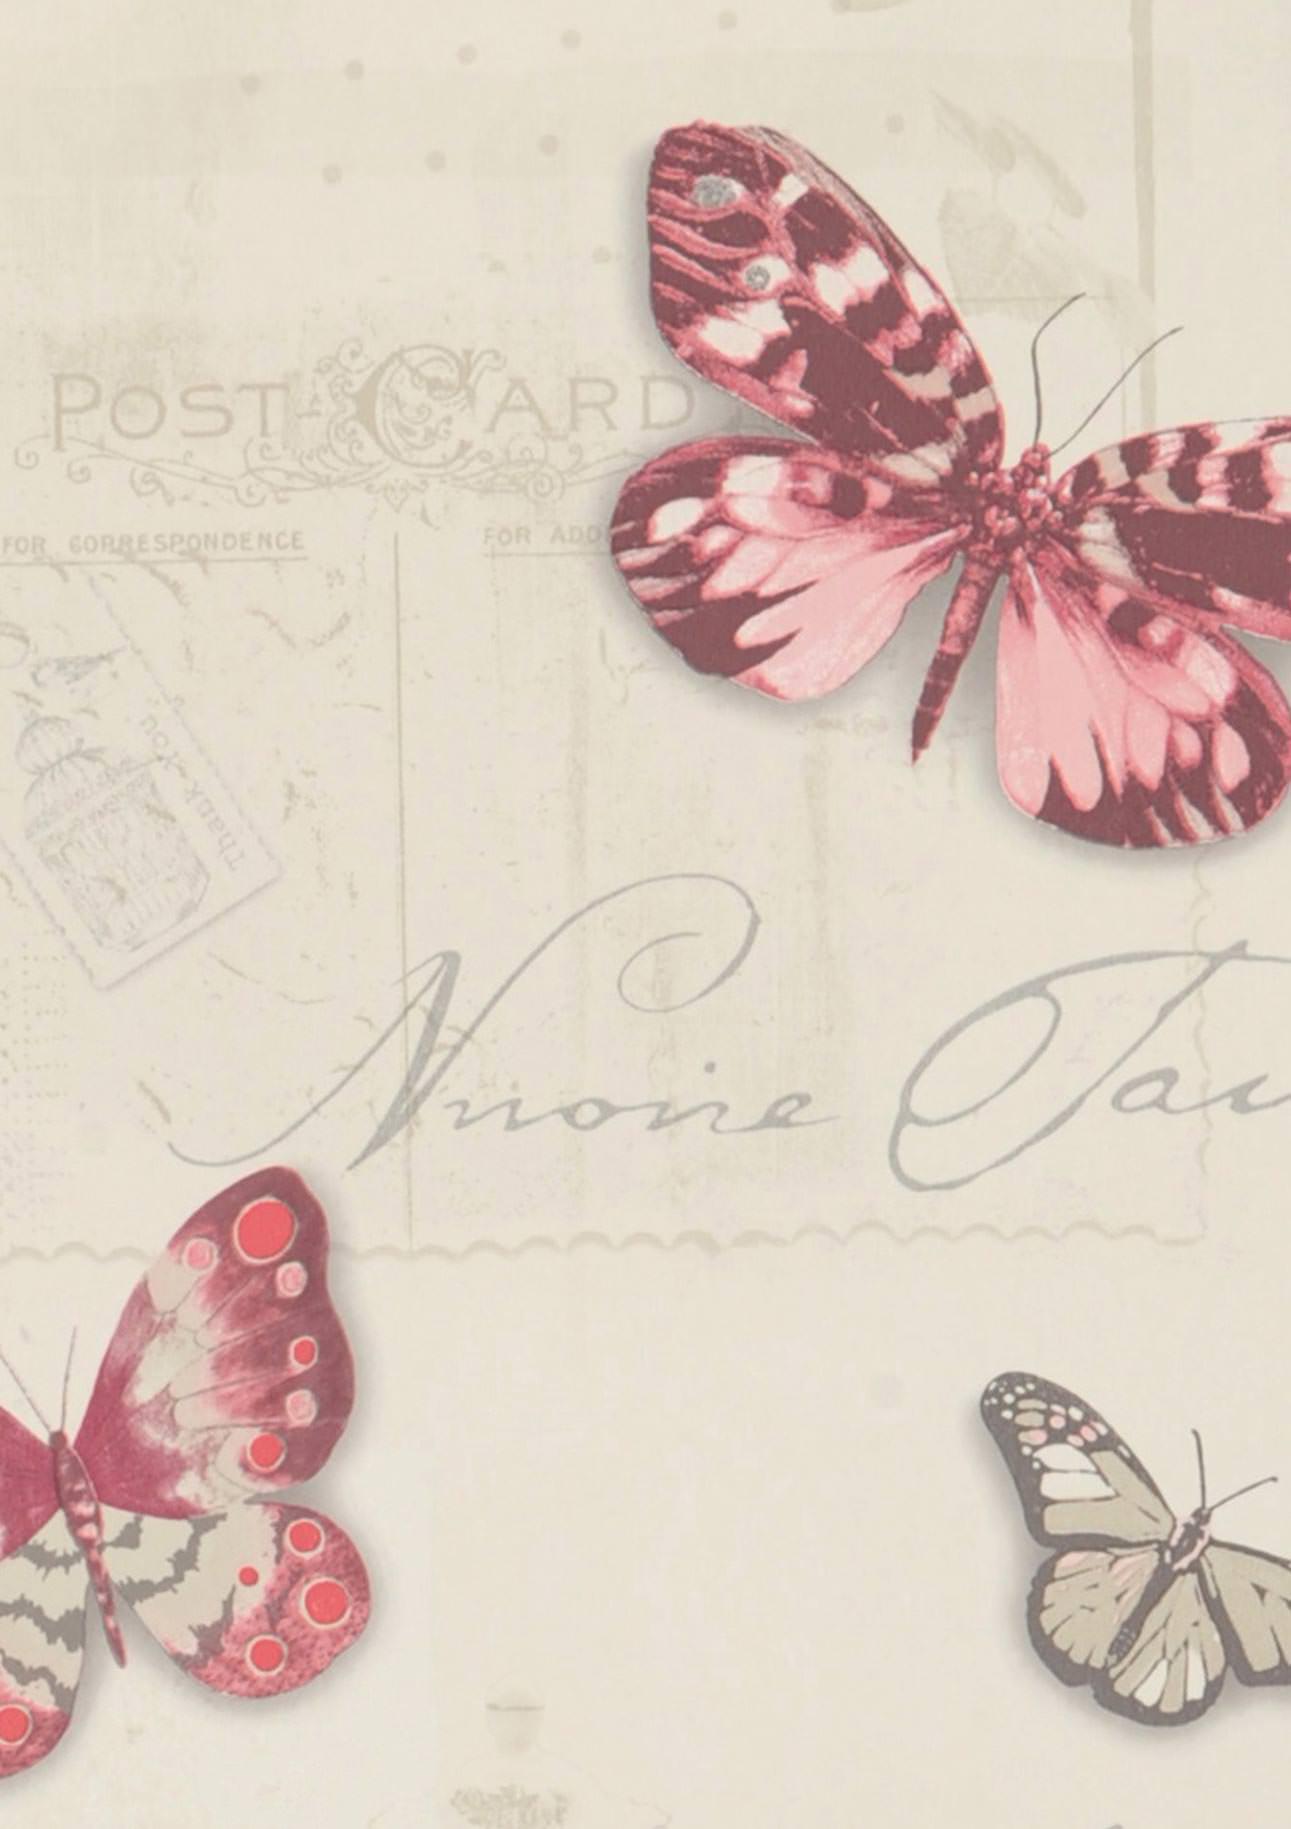 Carta da parati bodola avorio chiaro beige viola for Carta da parati avorio